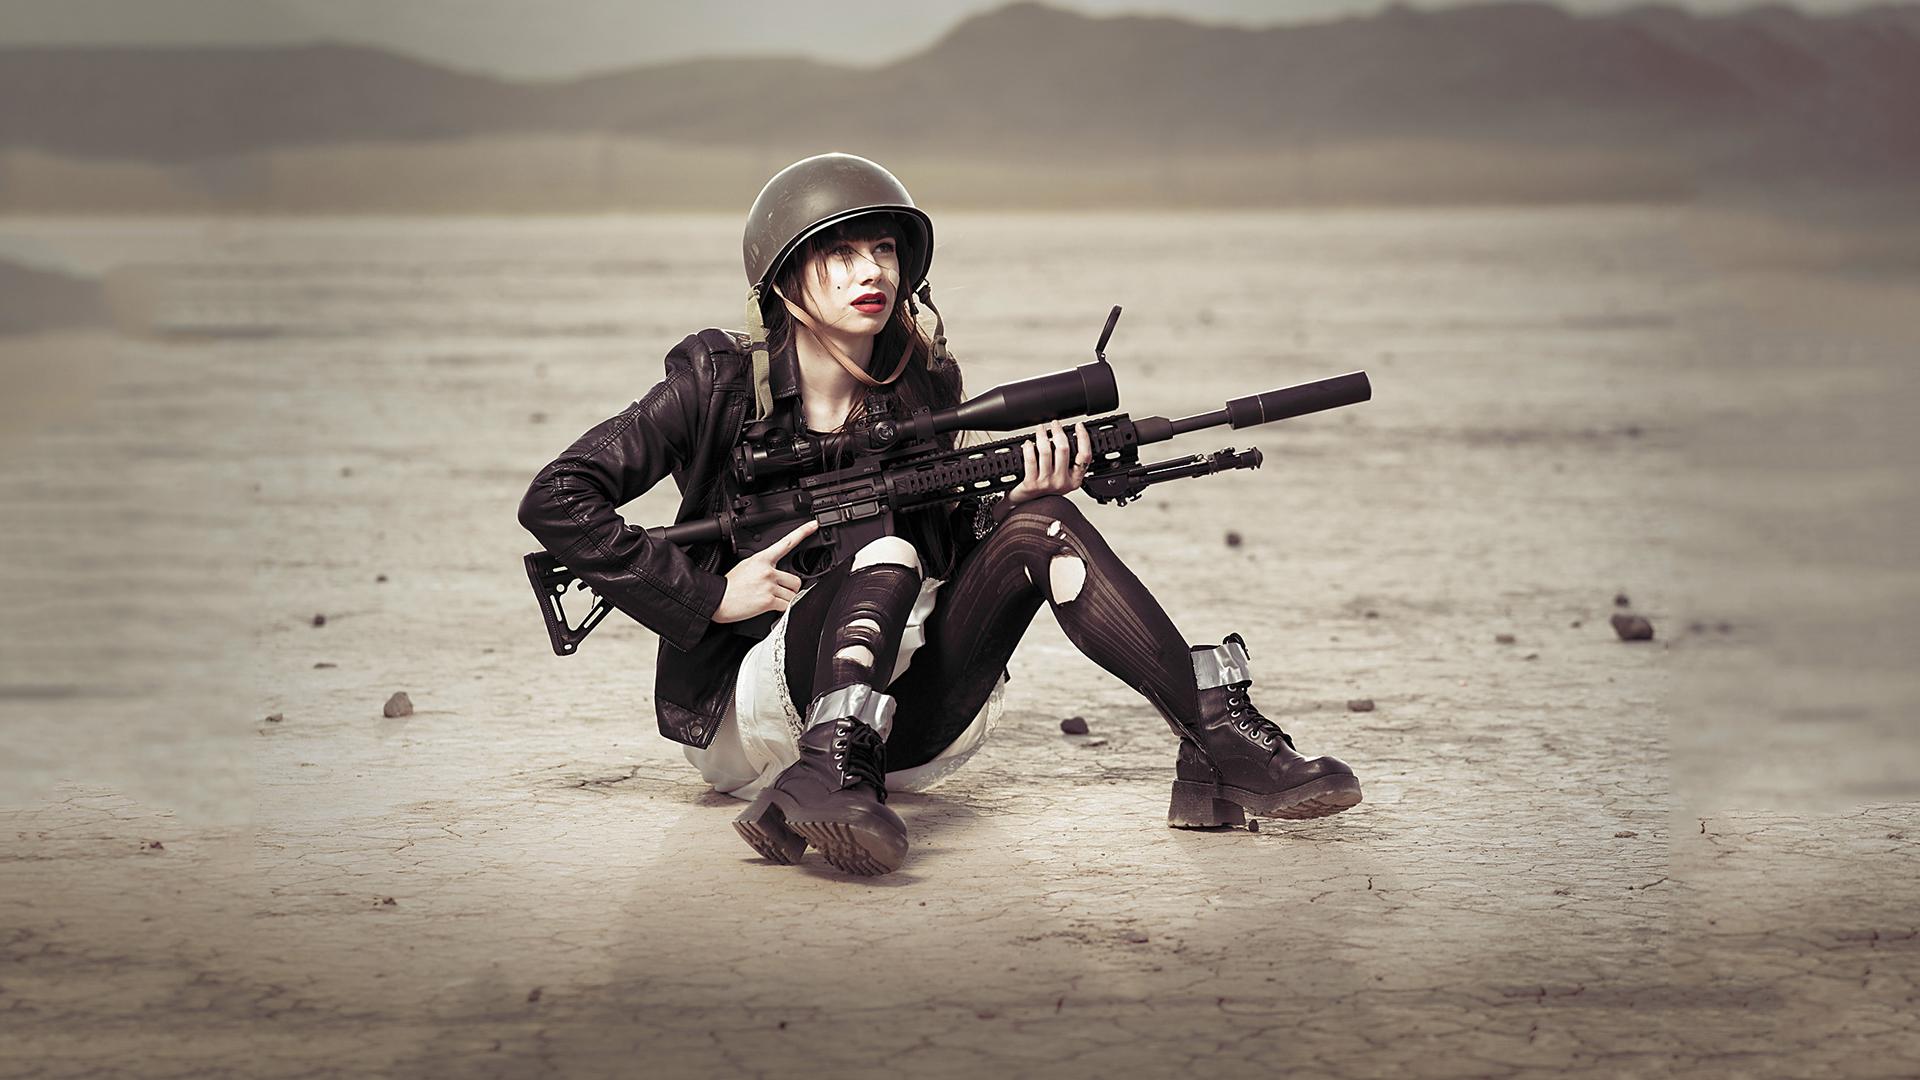 Una chica francotirador - 1920x1080